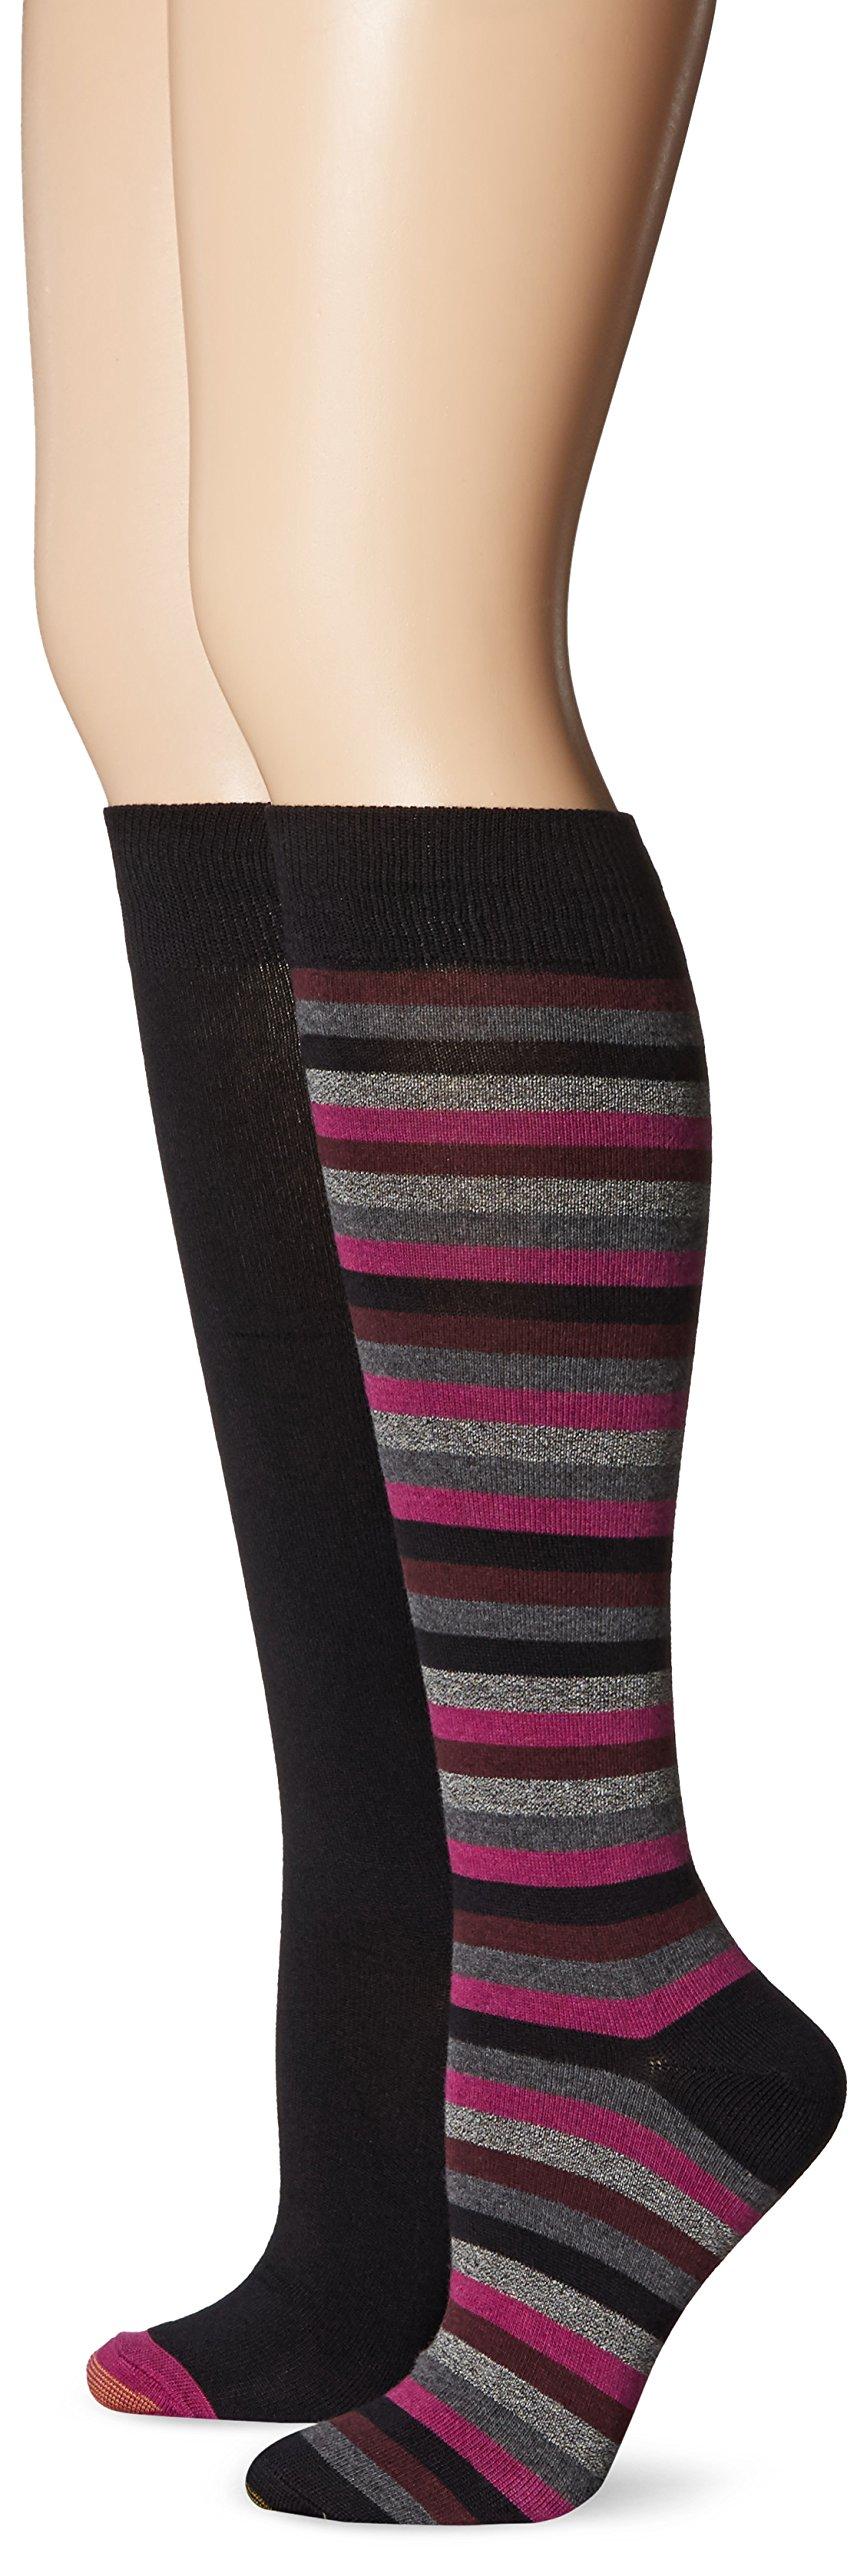 Gold Toe Women's Stripe Extended Size Knee High Sock, Black Stripes/Black, 10-12 (Pack of 2)